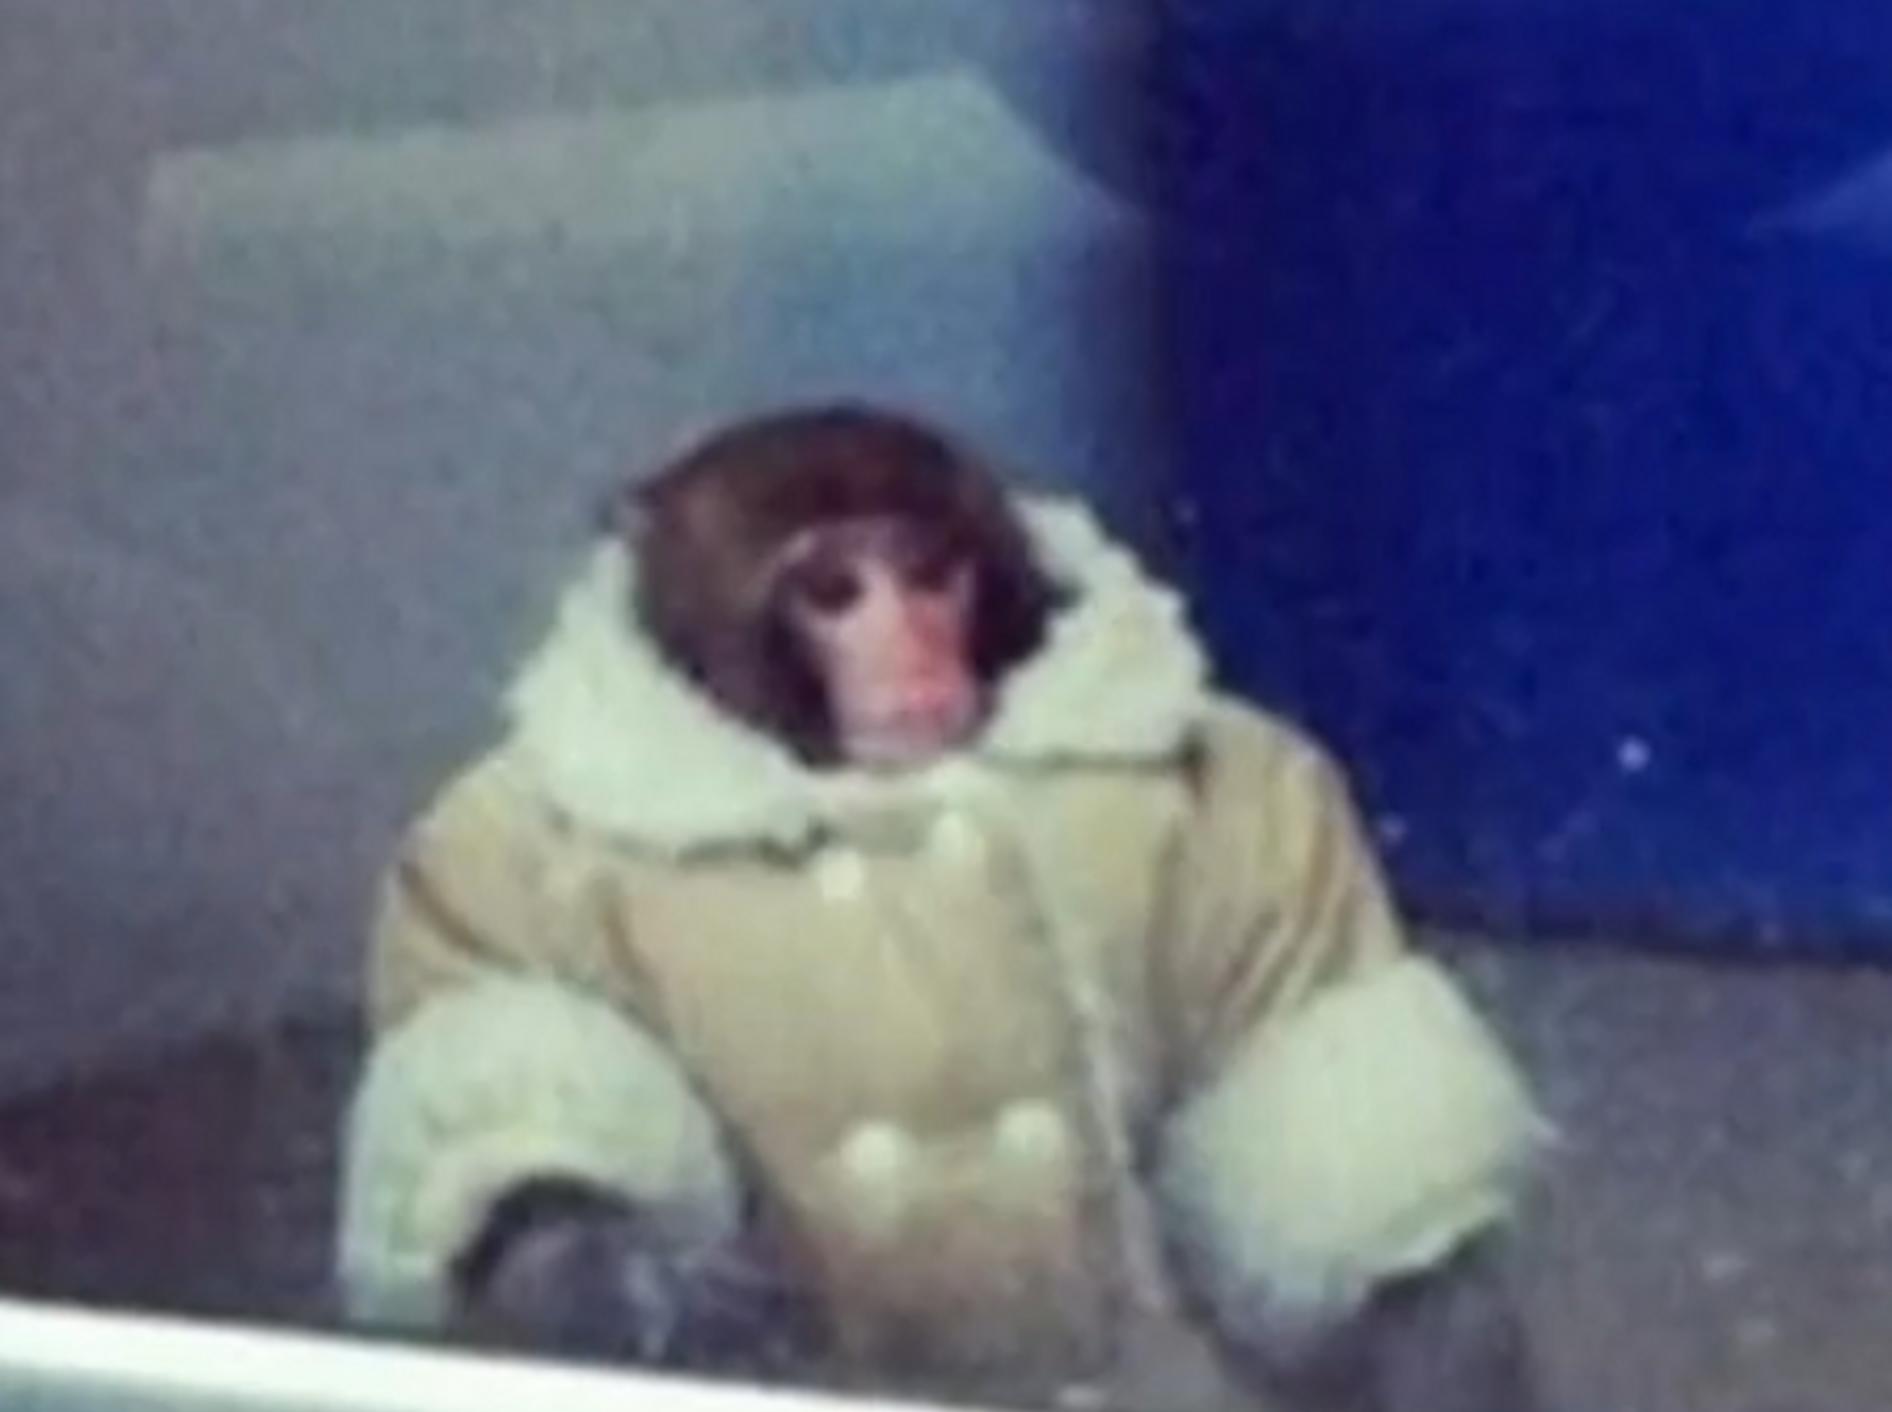 Rhesusäffchen wartet im Mantel bei Ikea auf sein Herrchen